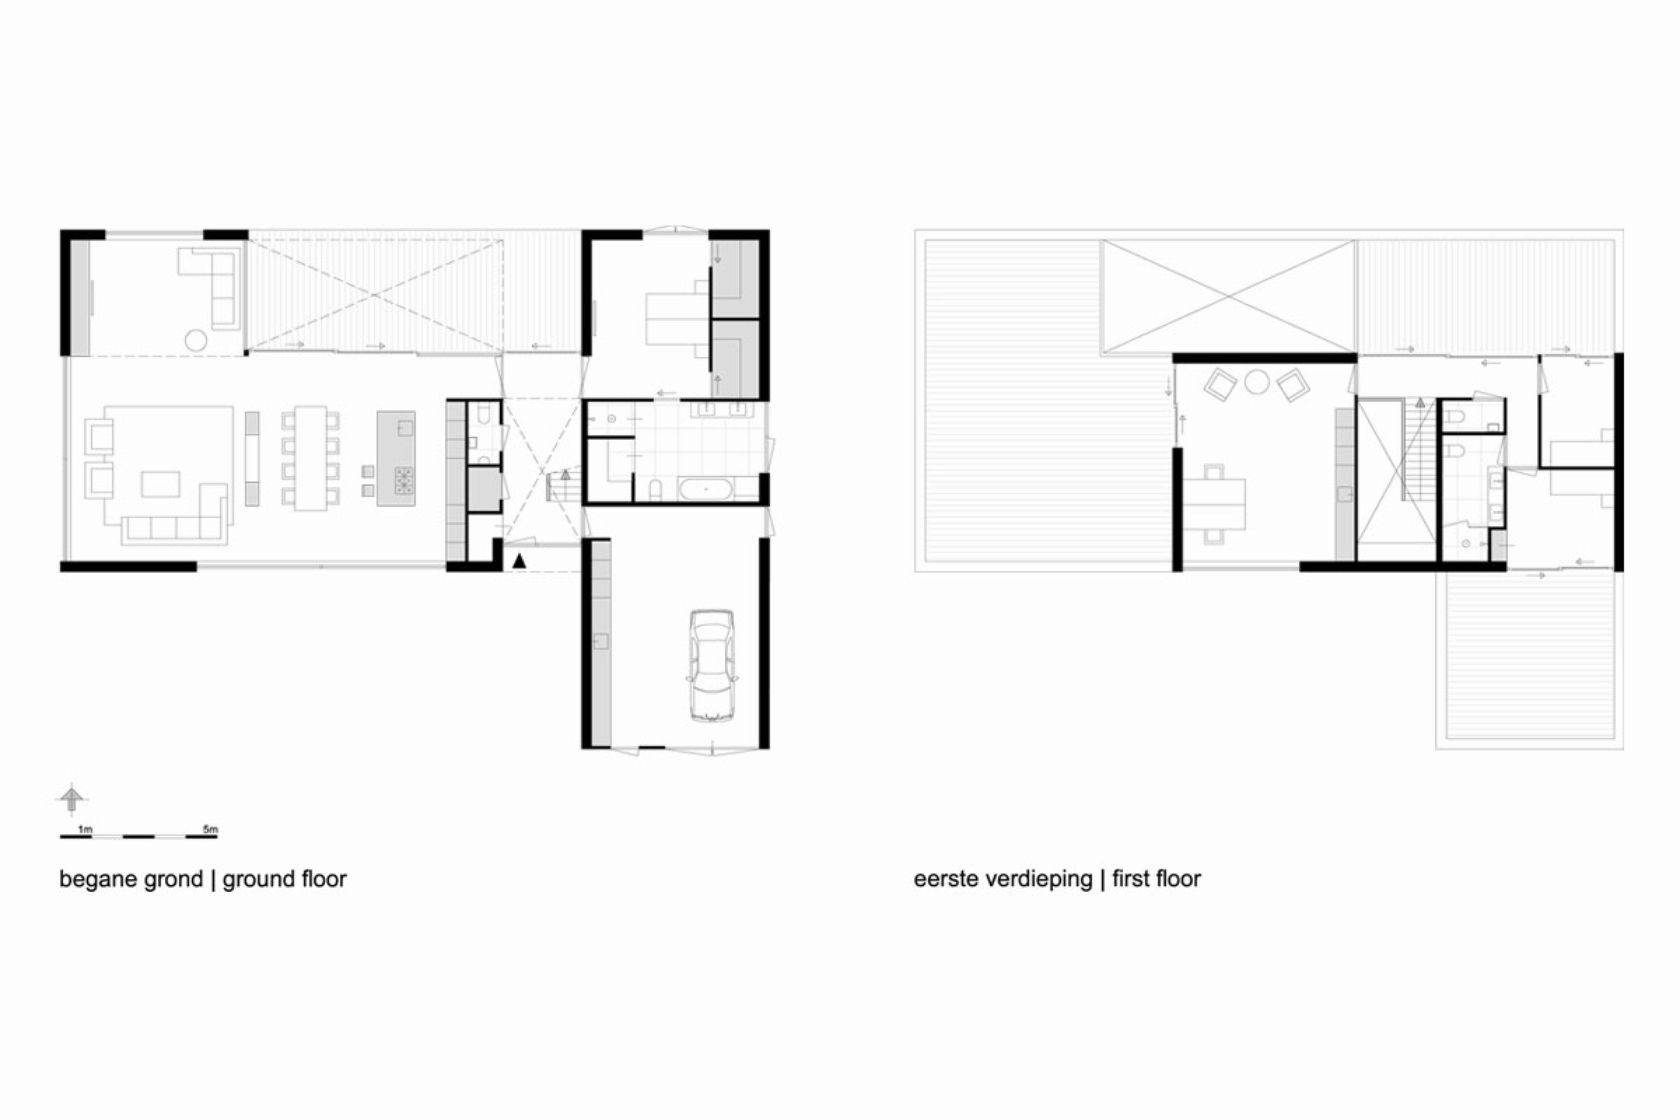 Residence Bemmel by Maxim Winkelaar Architects